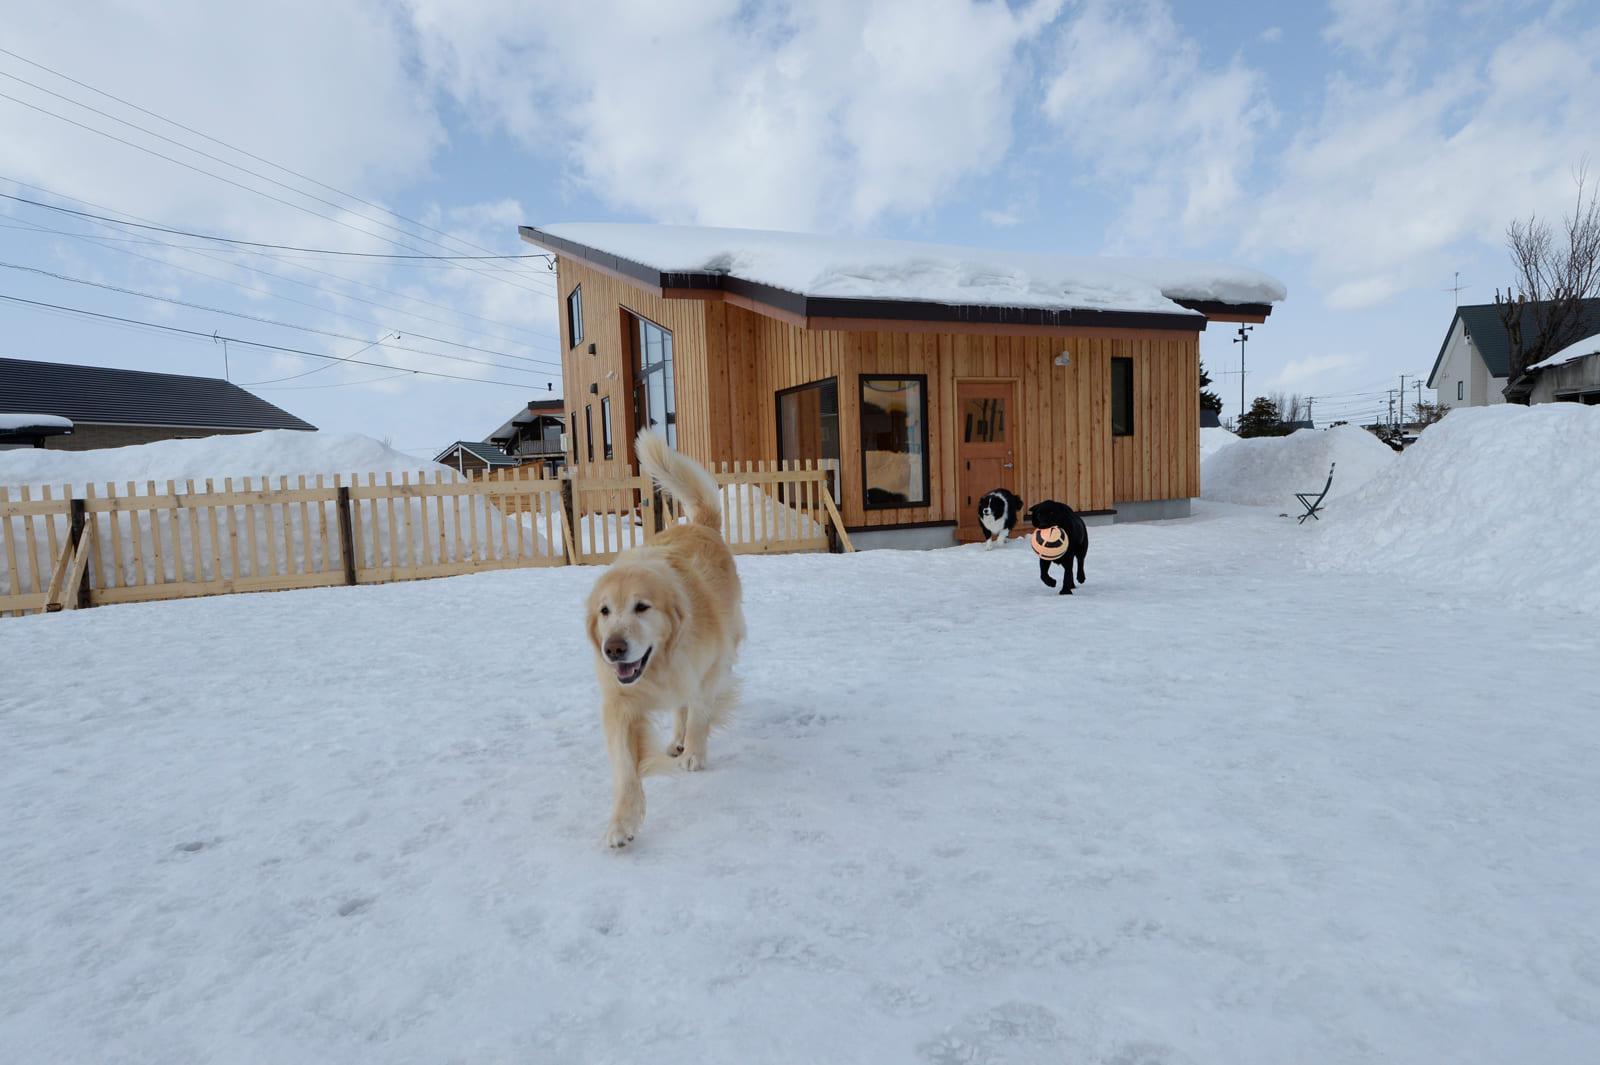 3頭の犬たちが元気に走り回れる広いドッグランのある庭